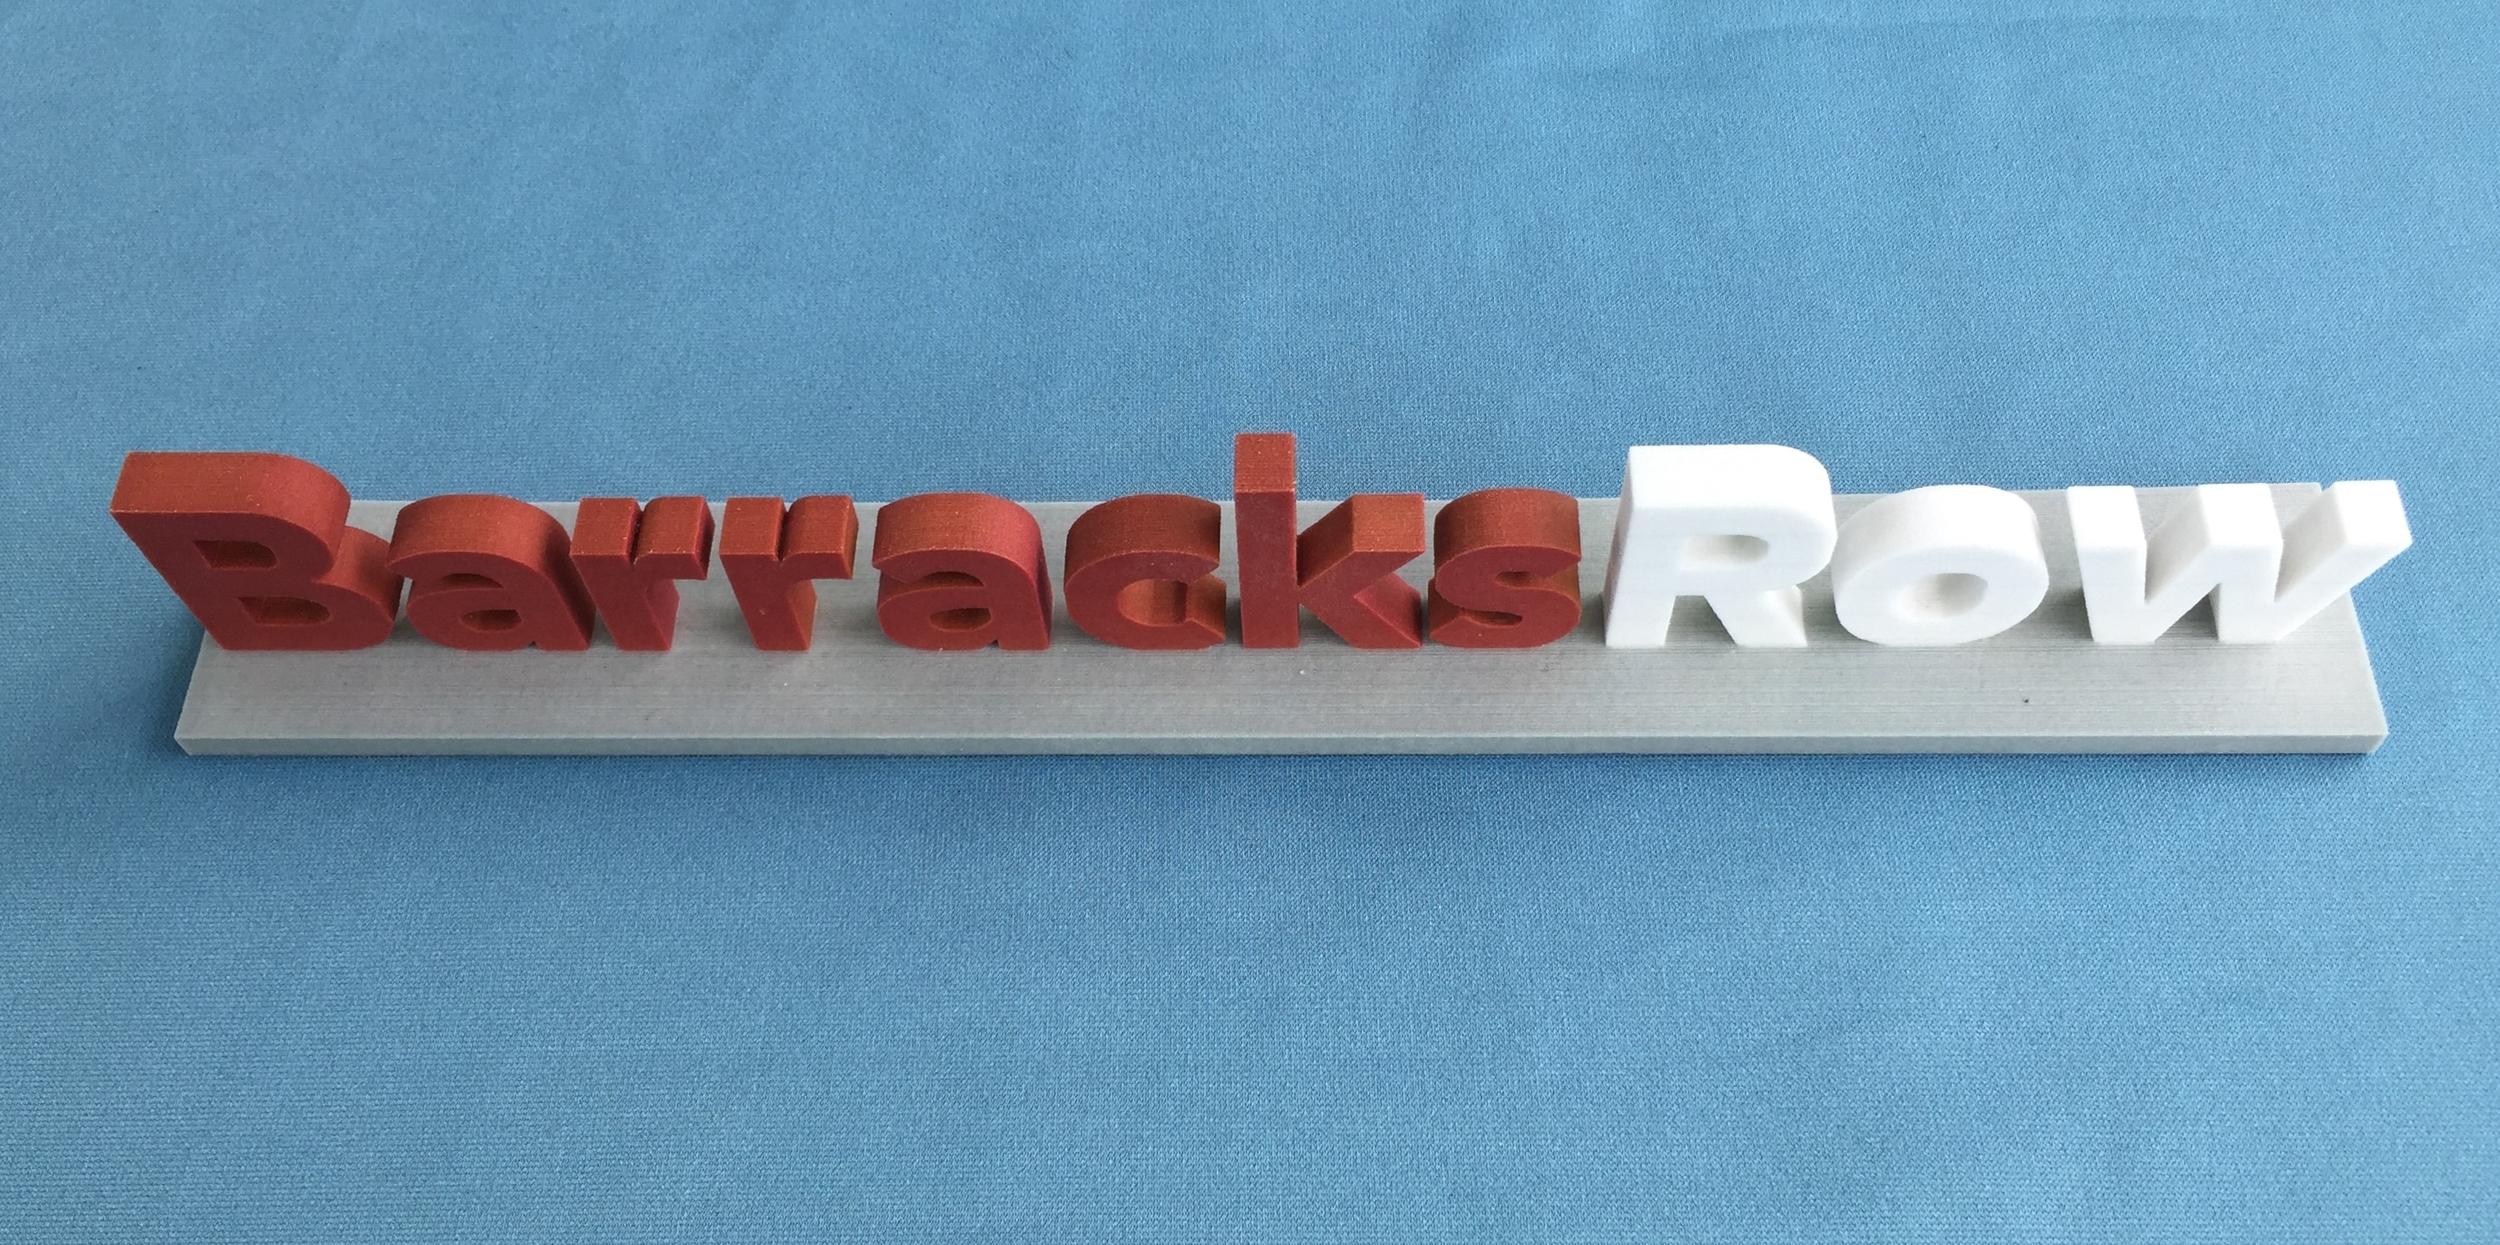 Barracks Row Letters 3 D Printed in Color 10 6 15.JPG